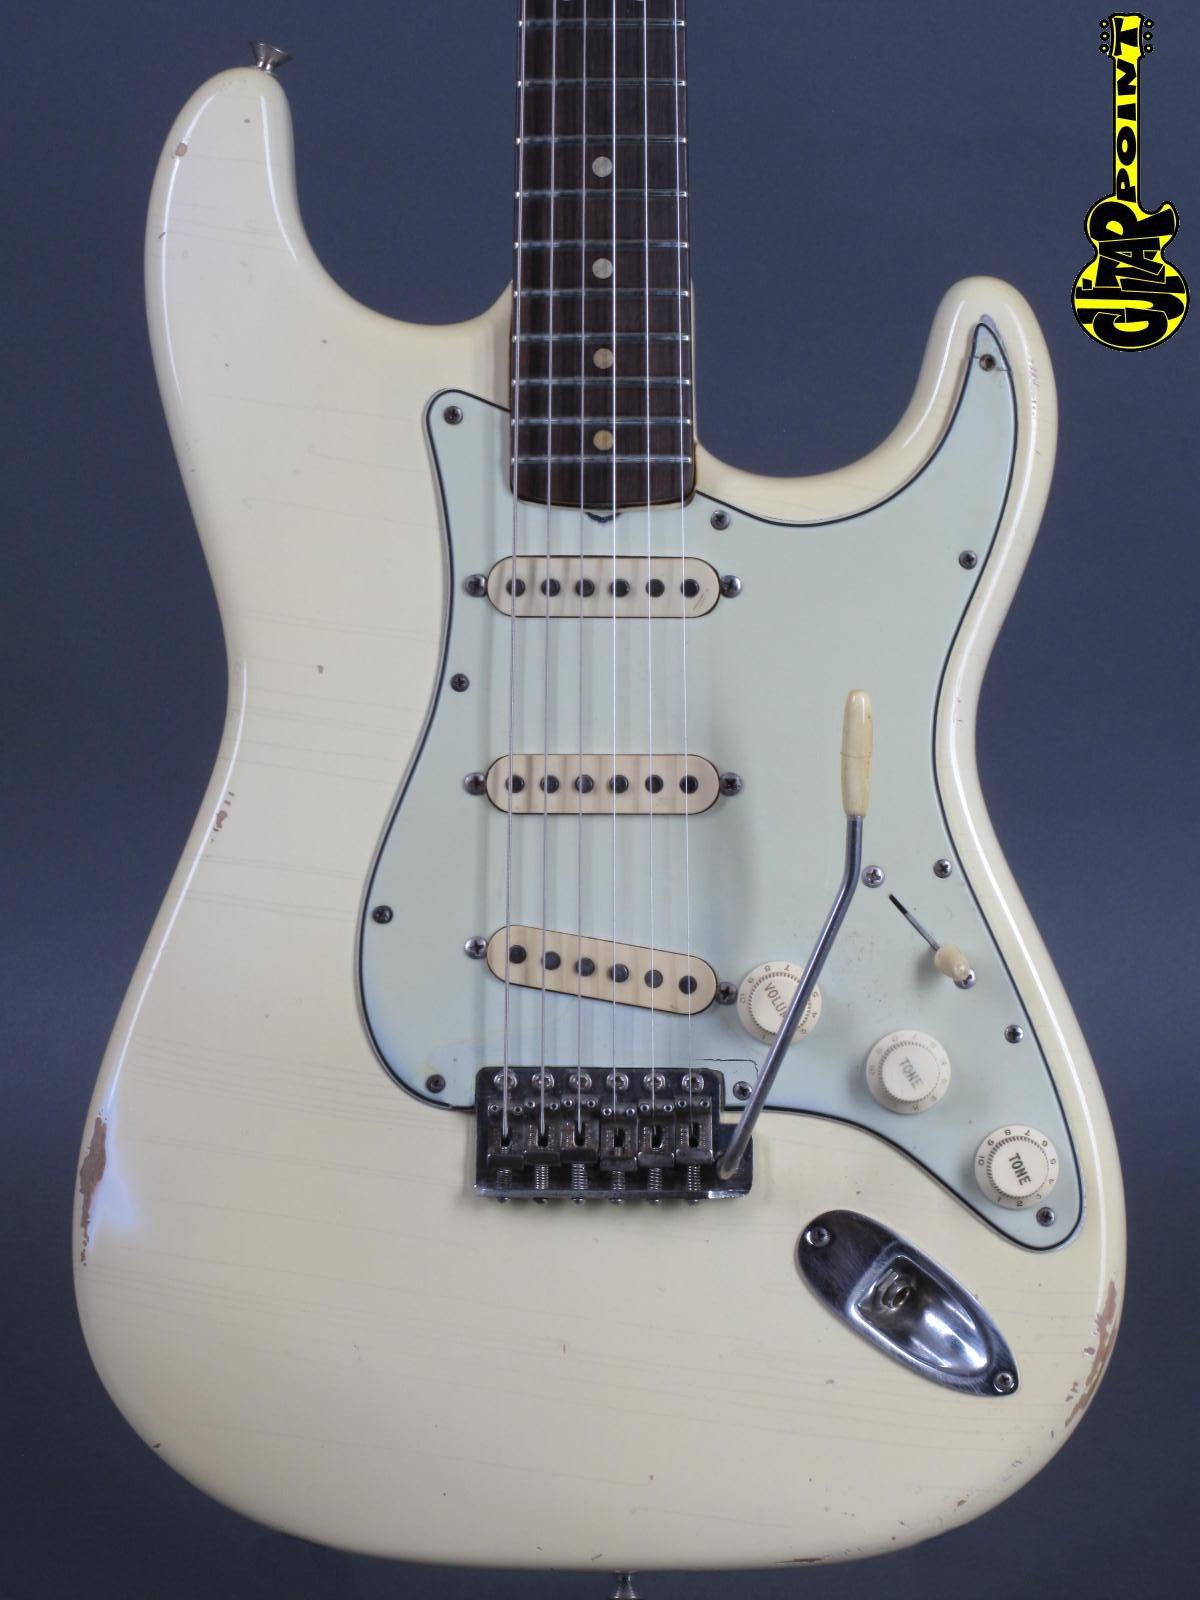 1964 Fender Stratocaster - Olympic White (refin!)